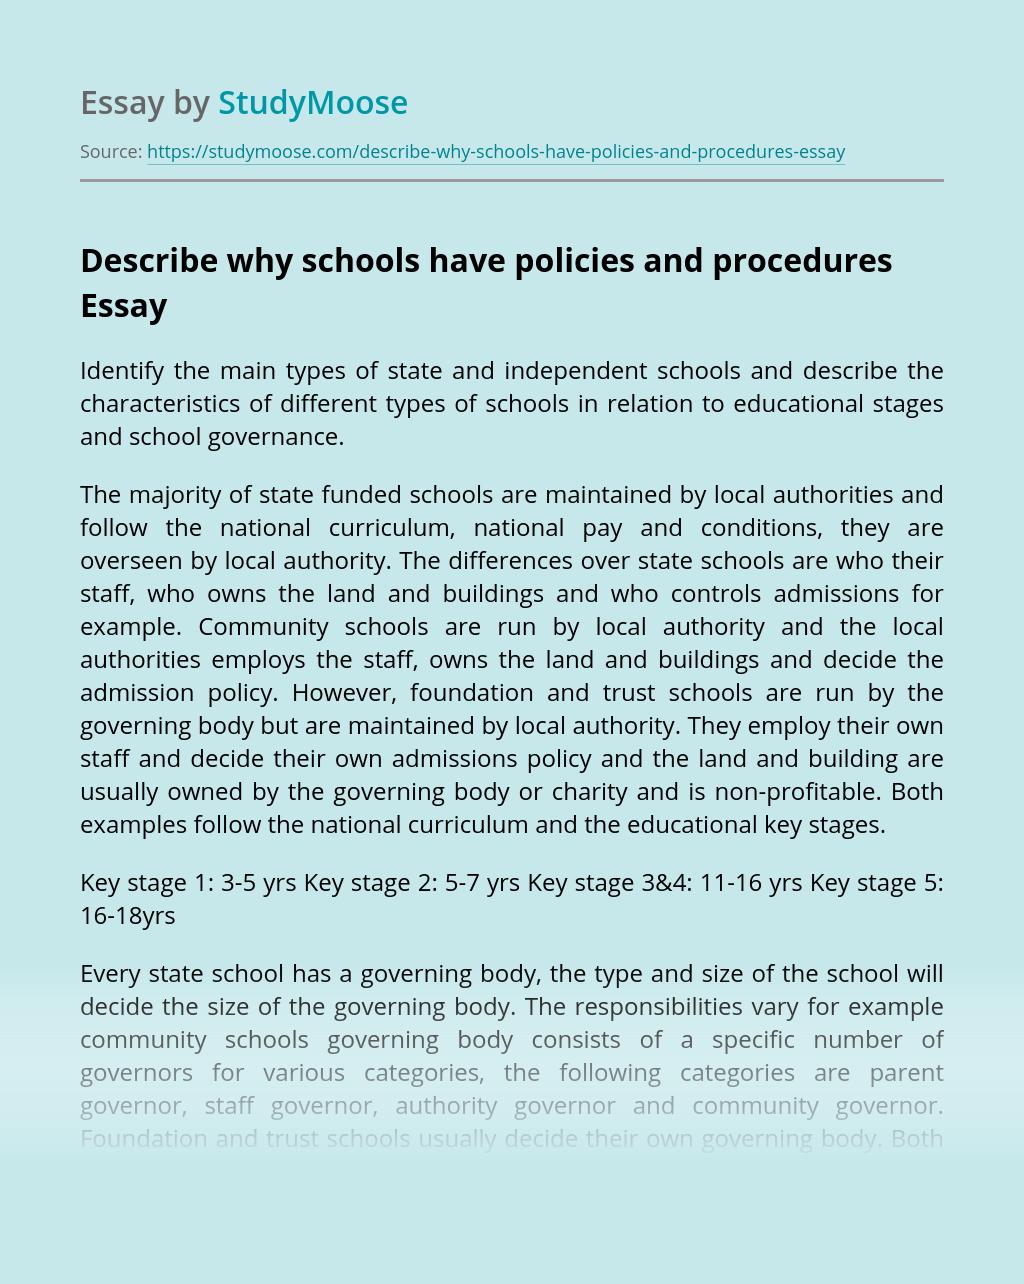 Describe why schools have policies and procedures